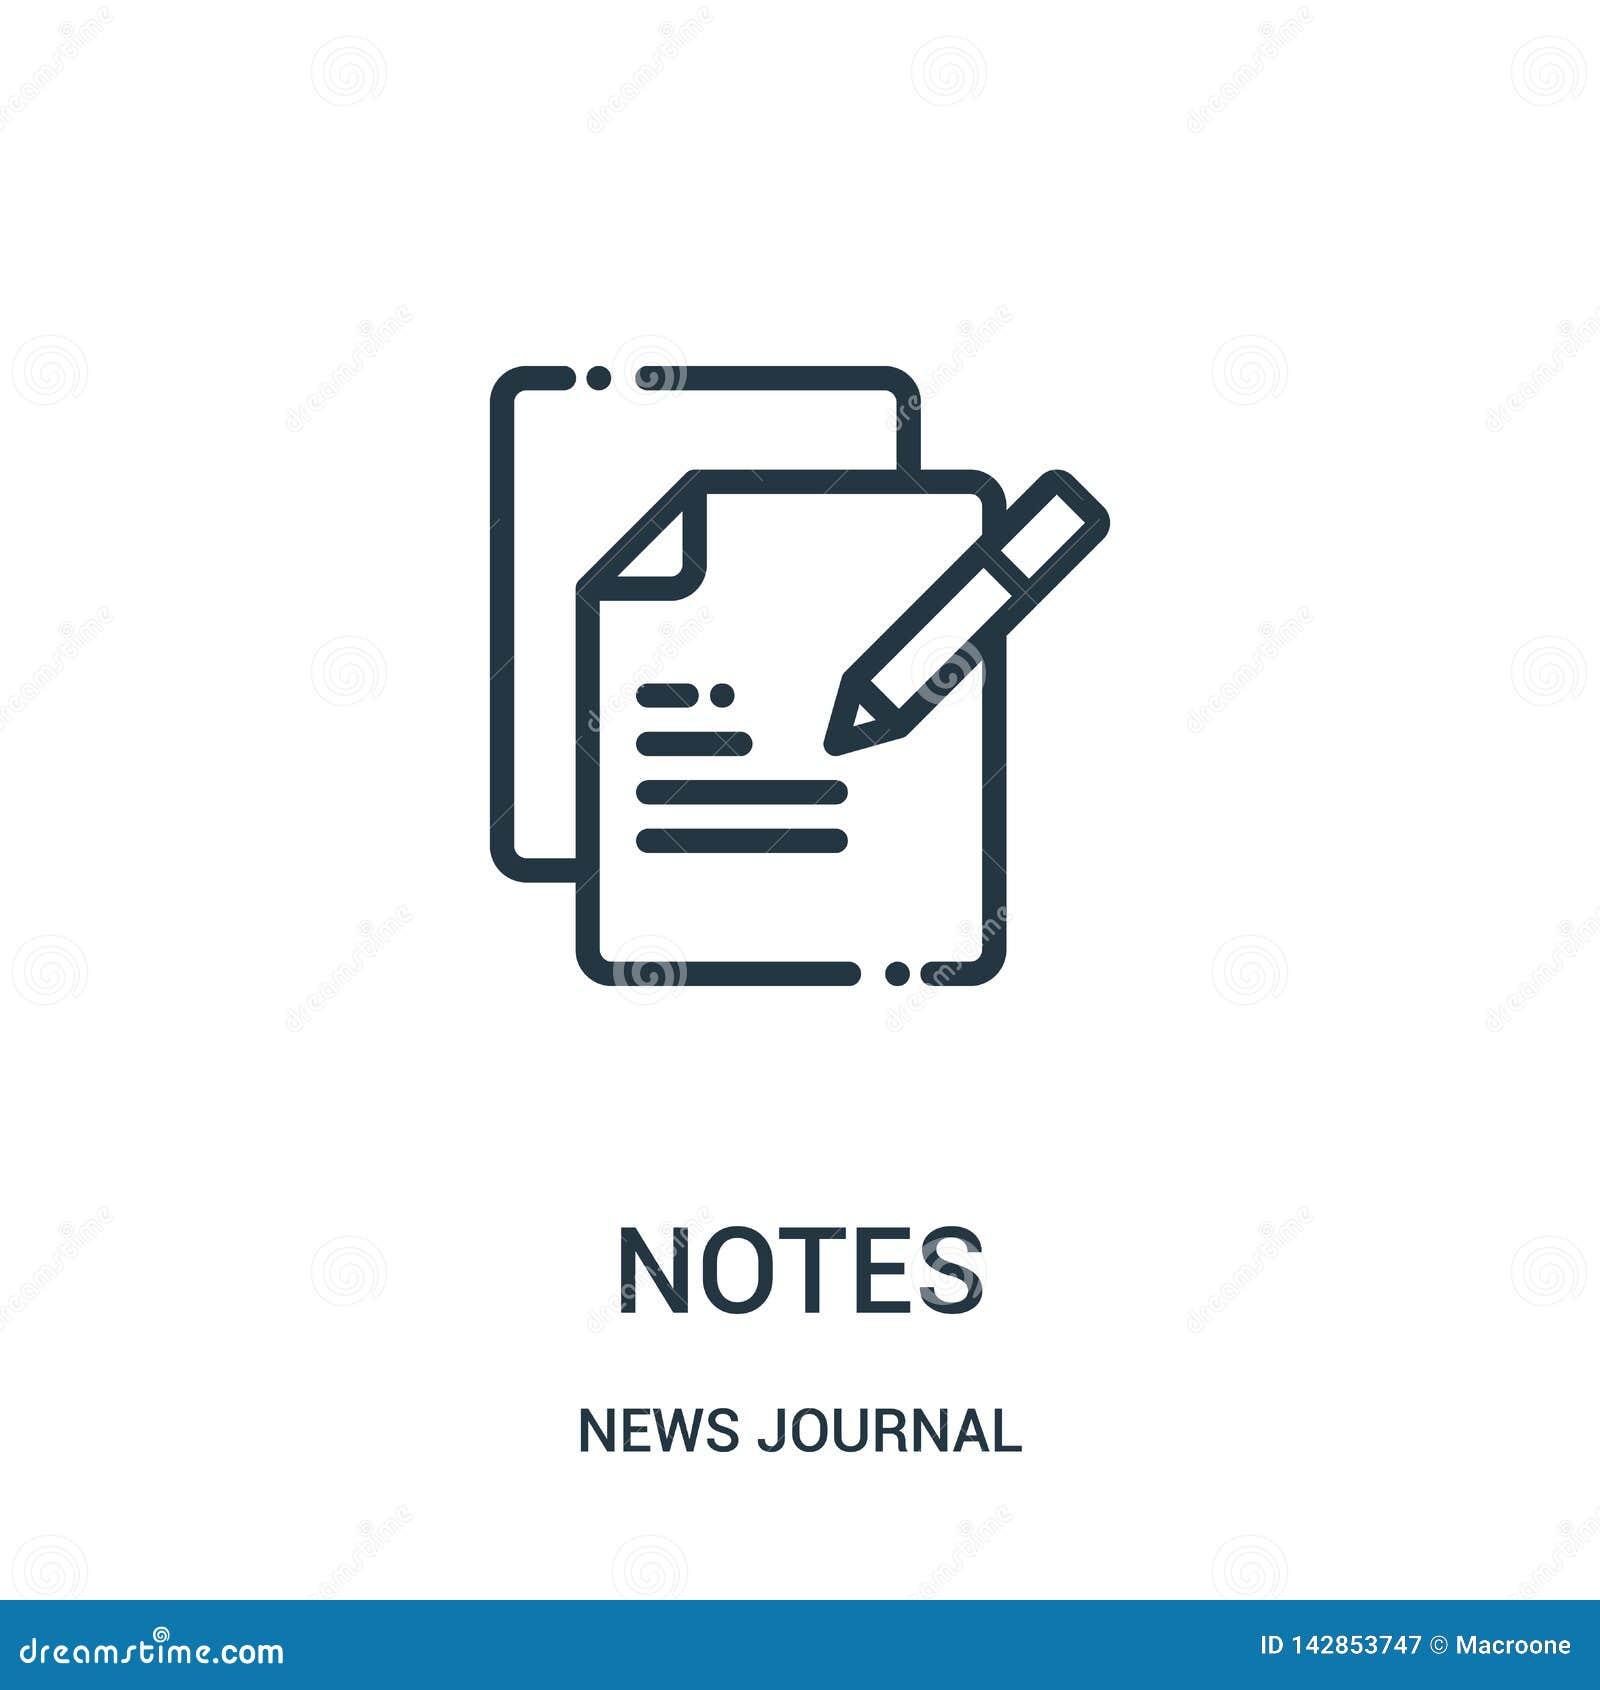 вектор значка примечаний от собрания журнала новостей Тонкая линия замечает иллюстрацию вектора значка плана Линейный символ для